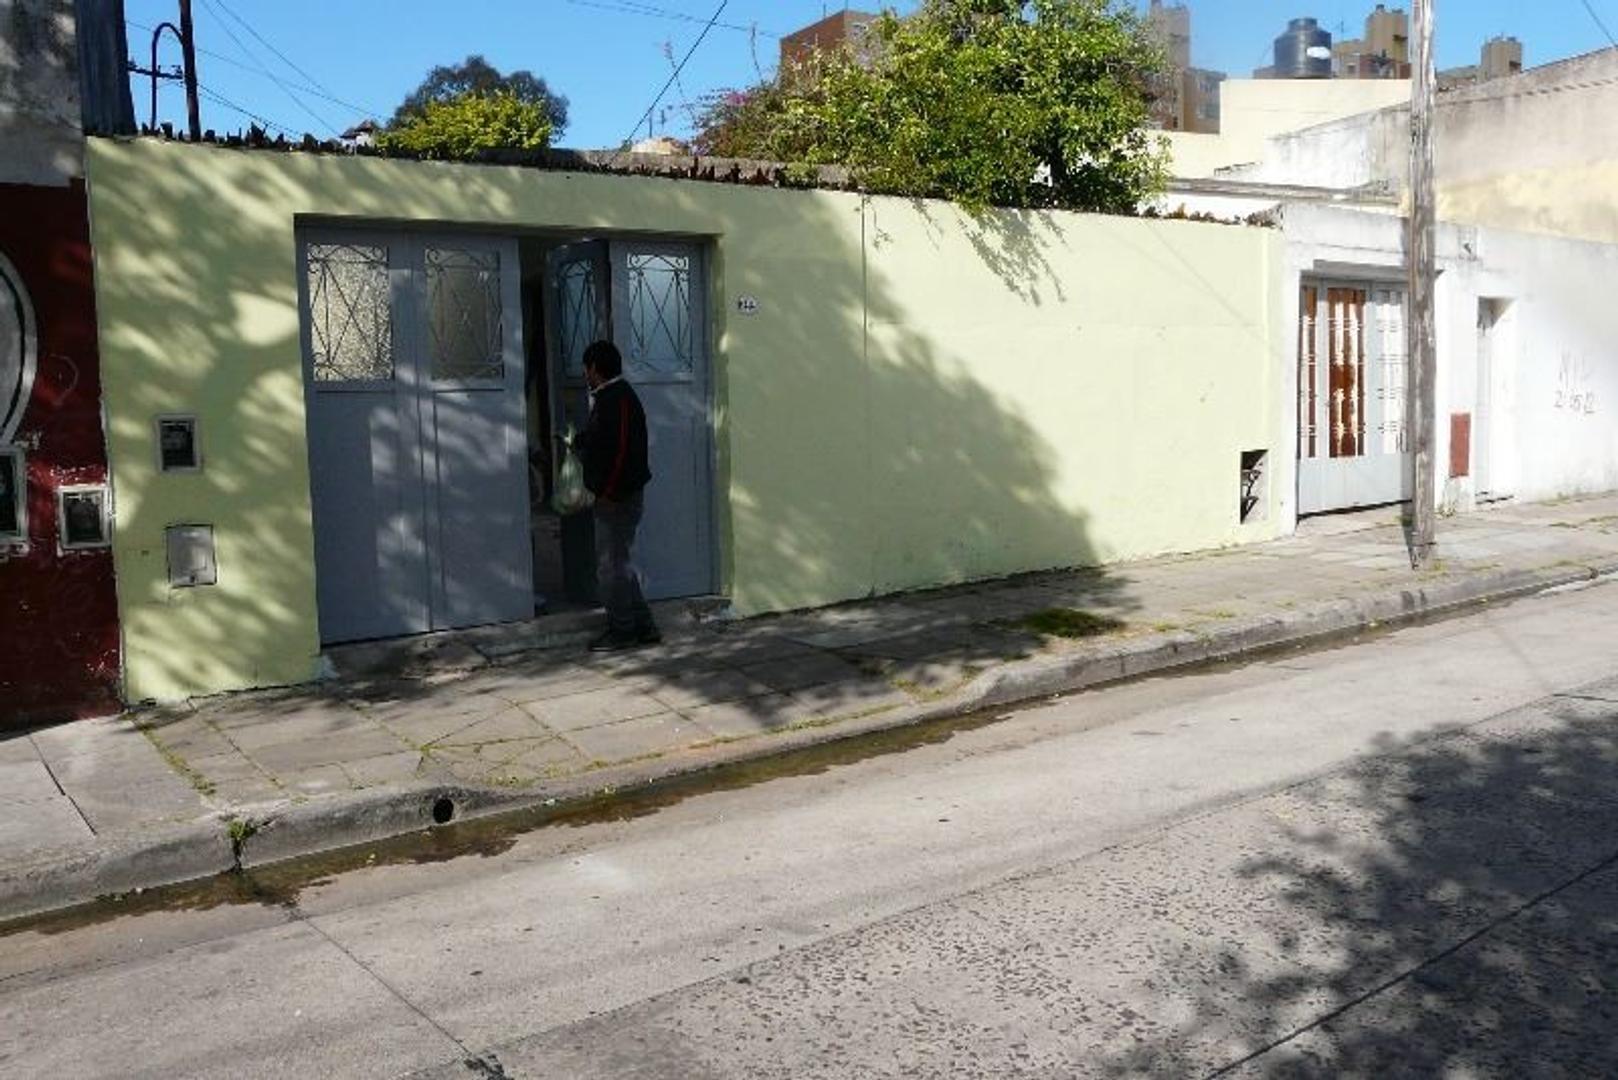 Manco Capac 1414, Casa 5 Amb mas Taller, Patio, Cochera Apto Crédito